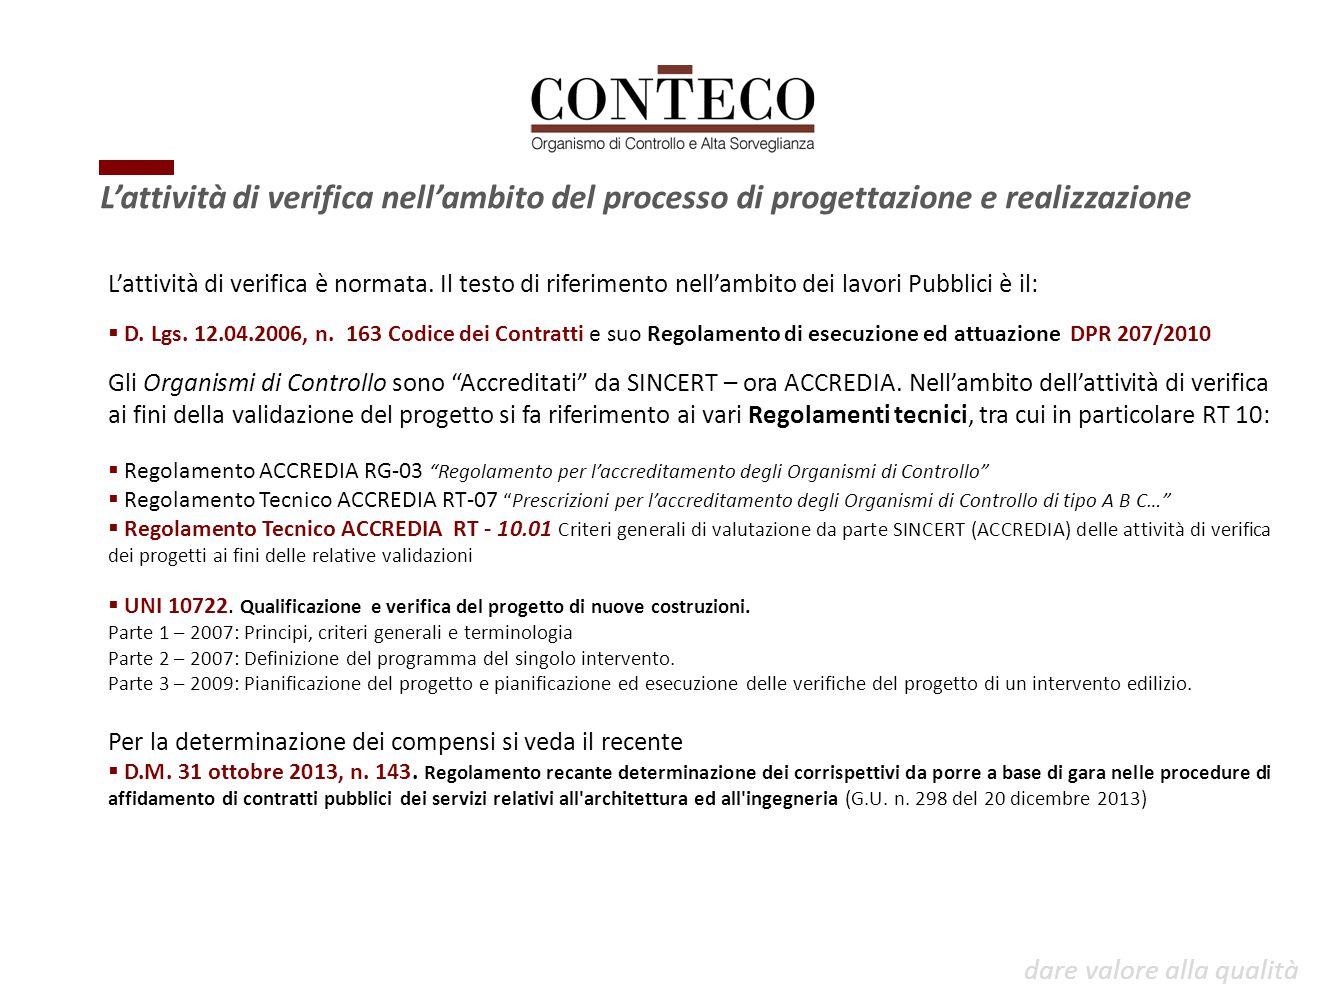 L'attività di verifica è normata. Il testo di riferimento nell'ambito dei lavori Pubblici è il:  D. Lgs. 12.04.2006, n. 163 Codice dei Contratti e su